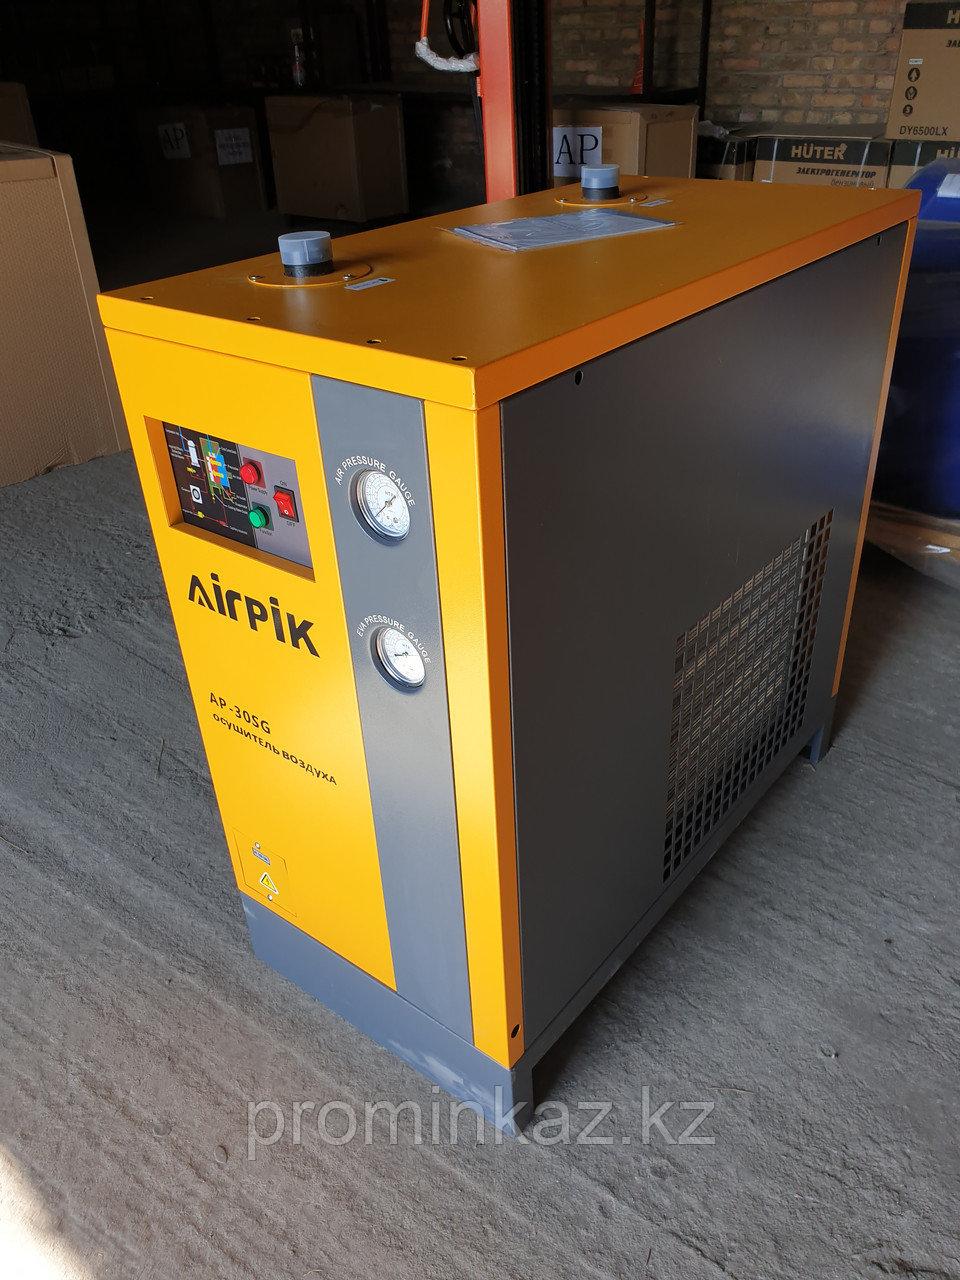 Осушитель воздуха AP-30, - 3,6 м3/мин, AirPIK